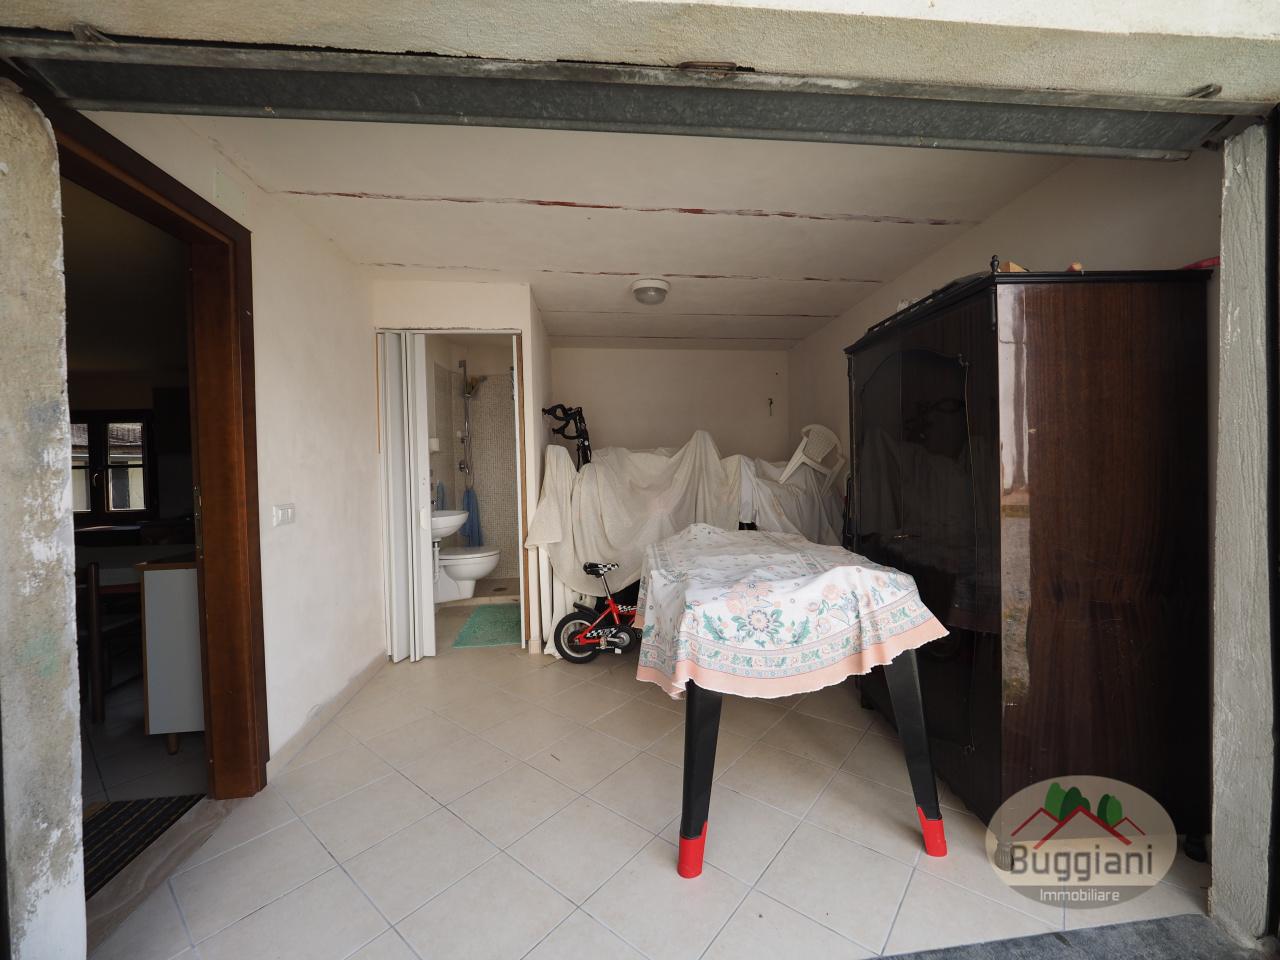 Terratetto in vendita RIF. 1757, San Miniato (PI)